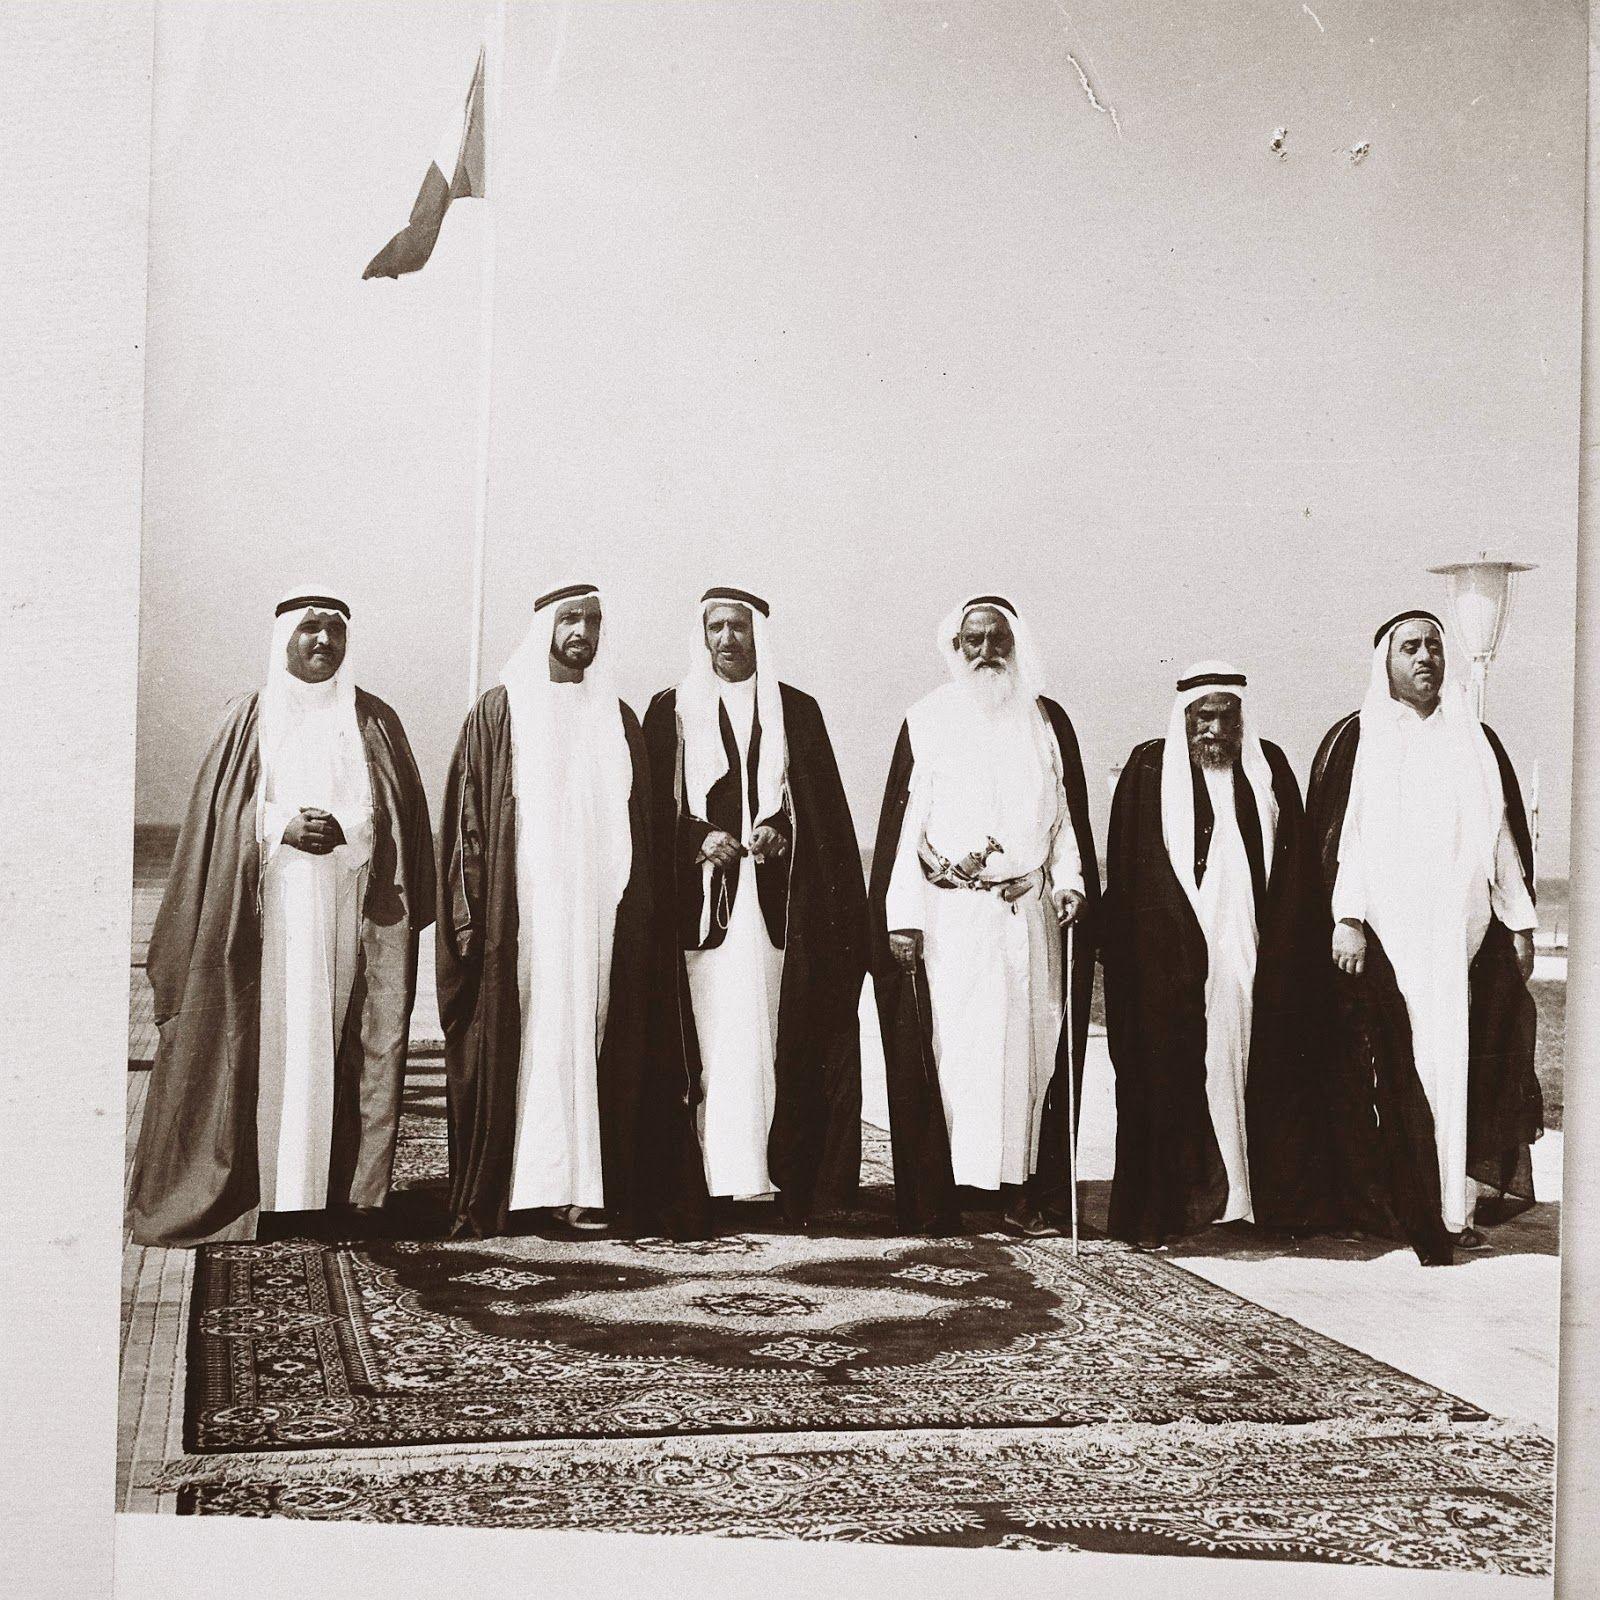 The Uae Man مدونة رجل الإمارات مجلس الوزراء لدولة الإمارات من 1971 وحتى 2004 Painting Art Blog